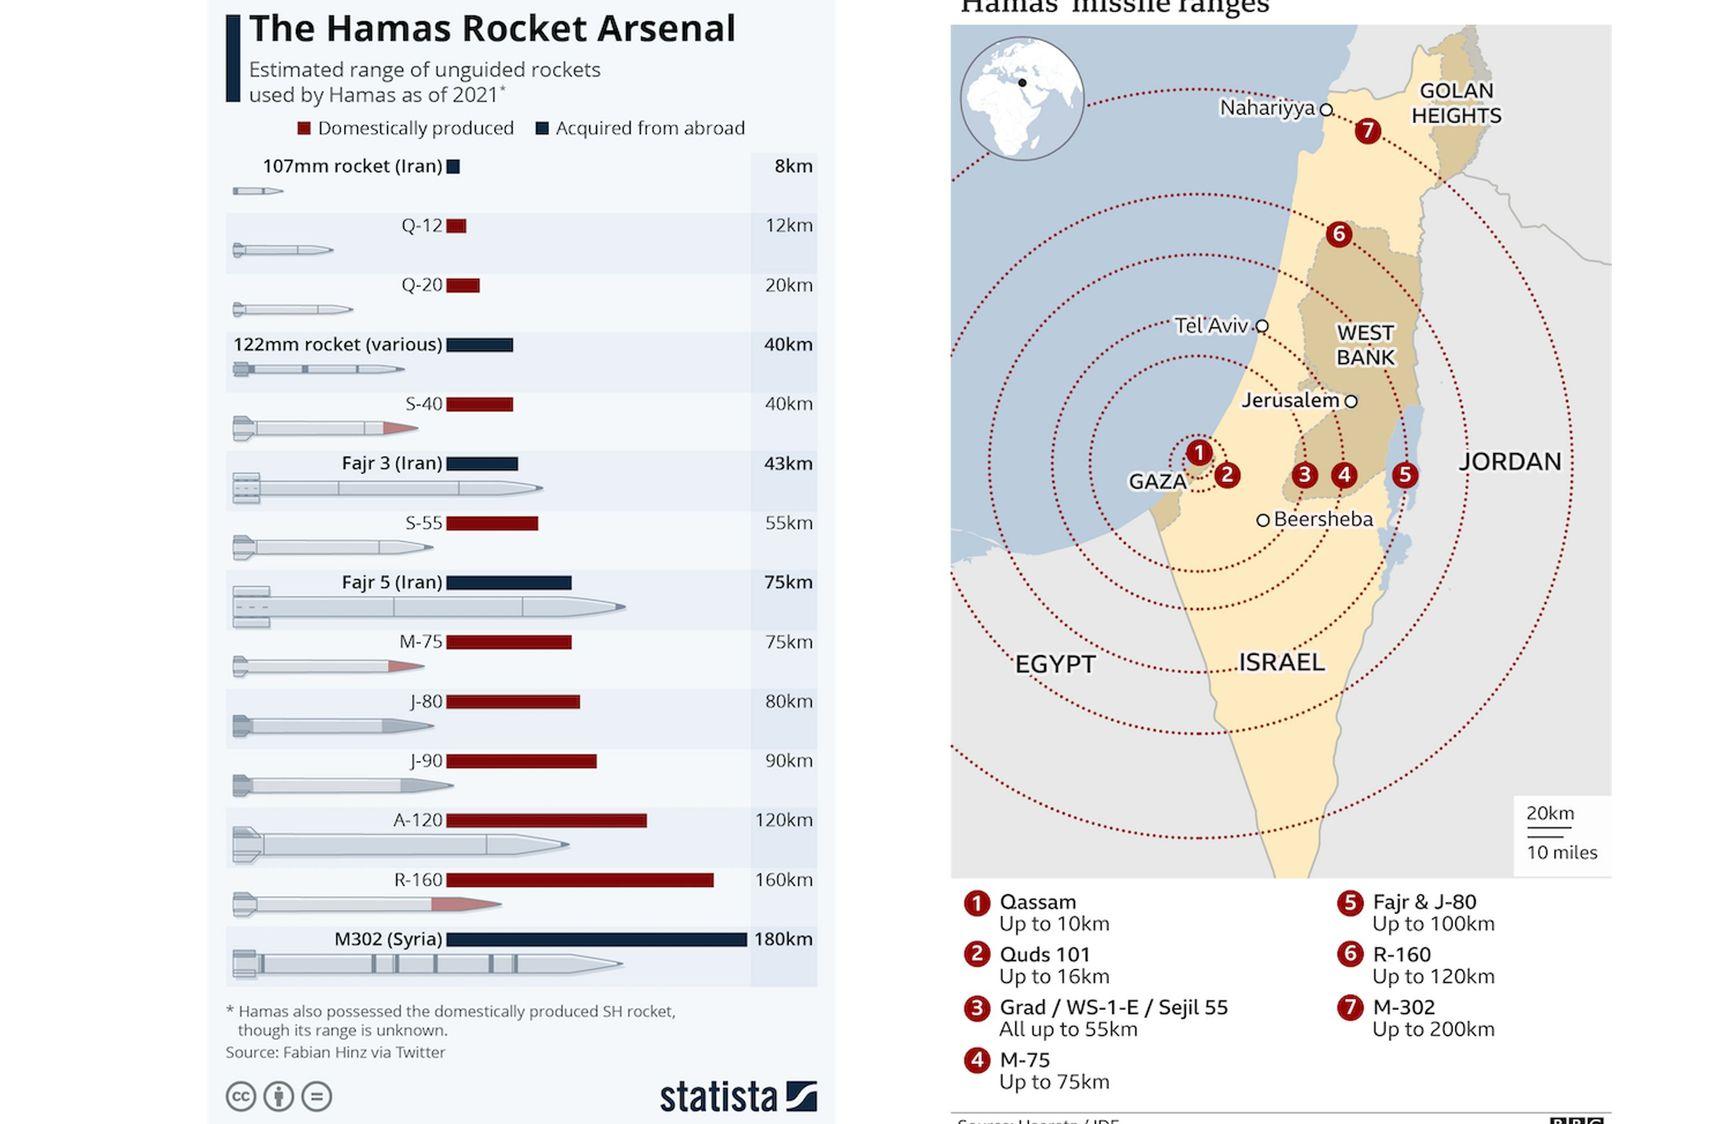 1. The Hamas rocket arsenal 2. Hamas missile ranges